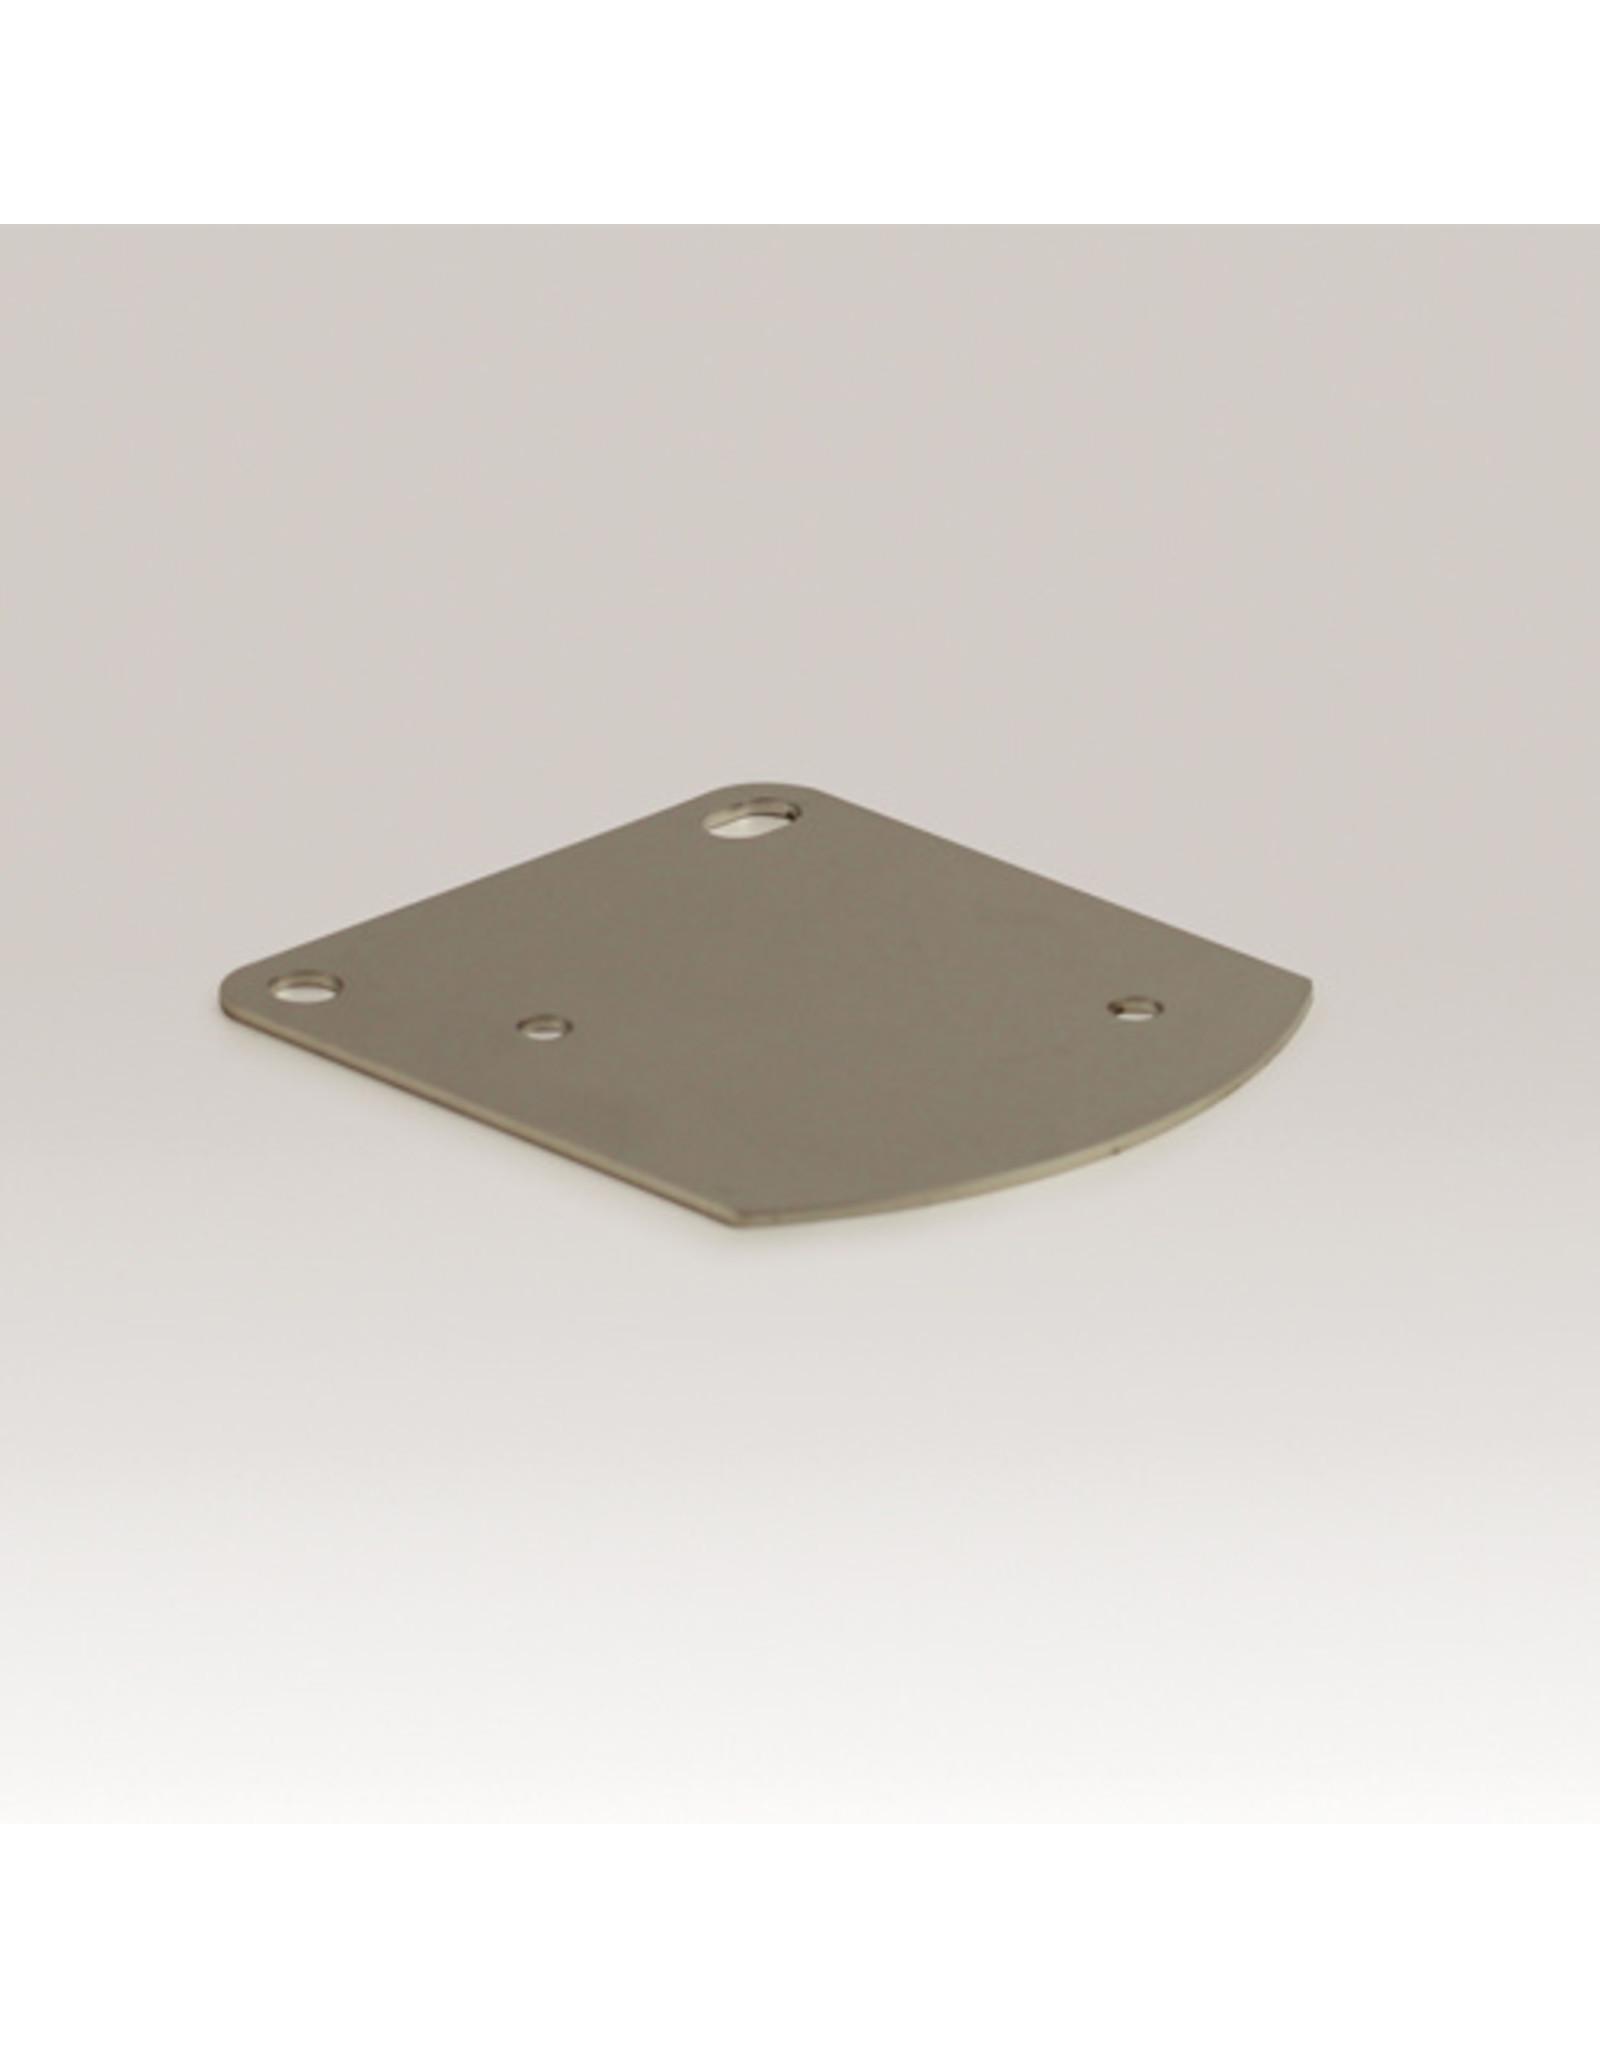 Kartsandparts houder voor mikuni brandstof pomp honda GX160 / 200